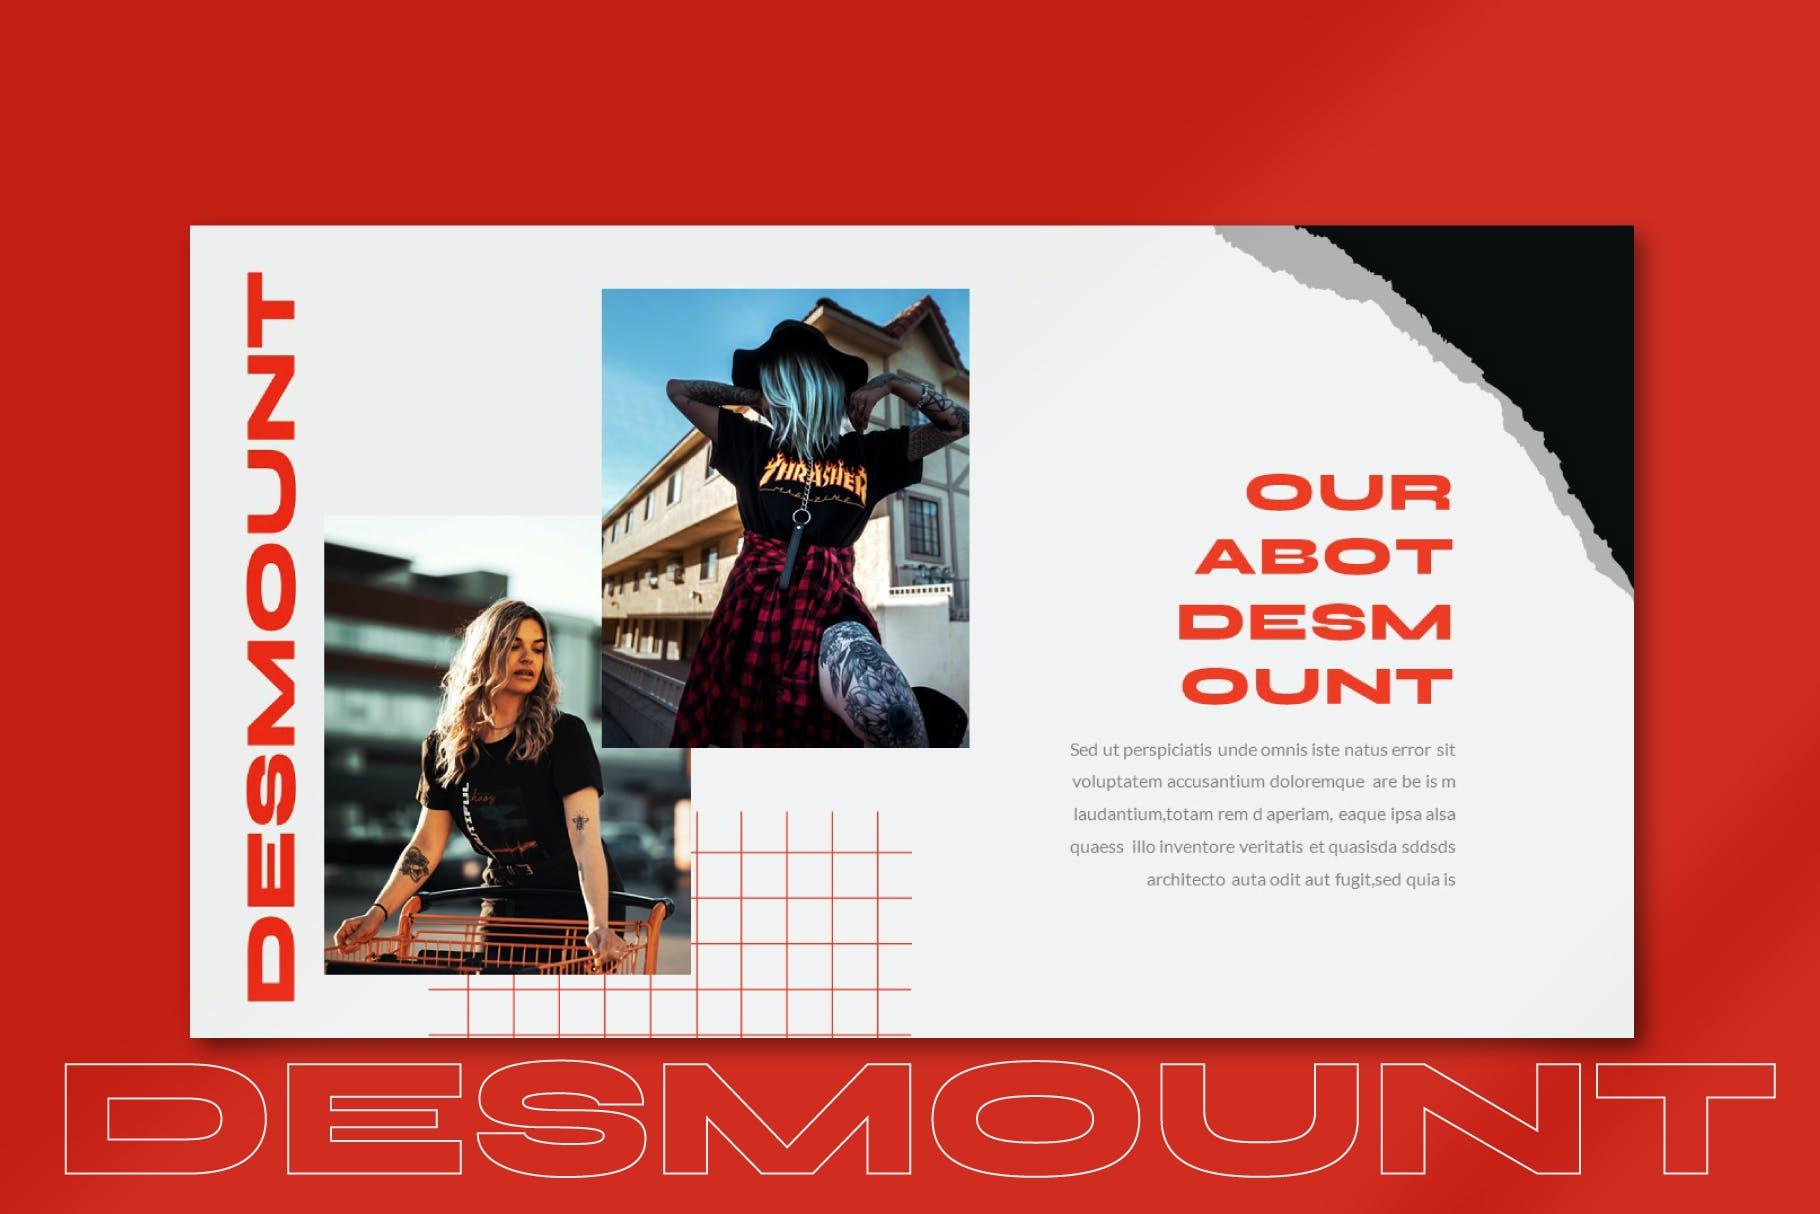 时尚潮流撕纸潮牌品牌推广深色PPT演示文稿模板素材 Desmount – Powerpoint Template插图(1)